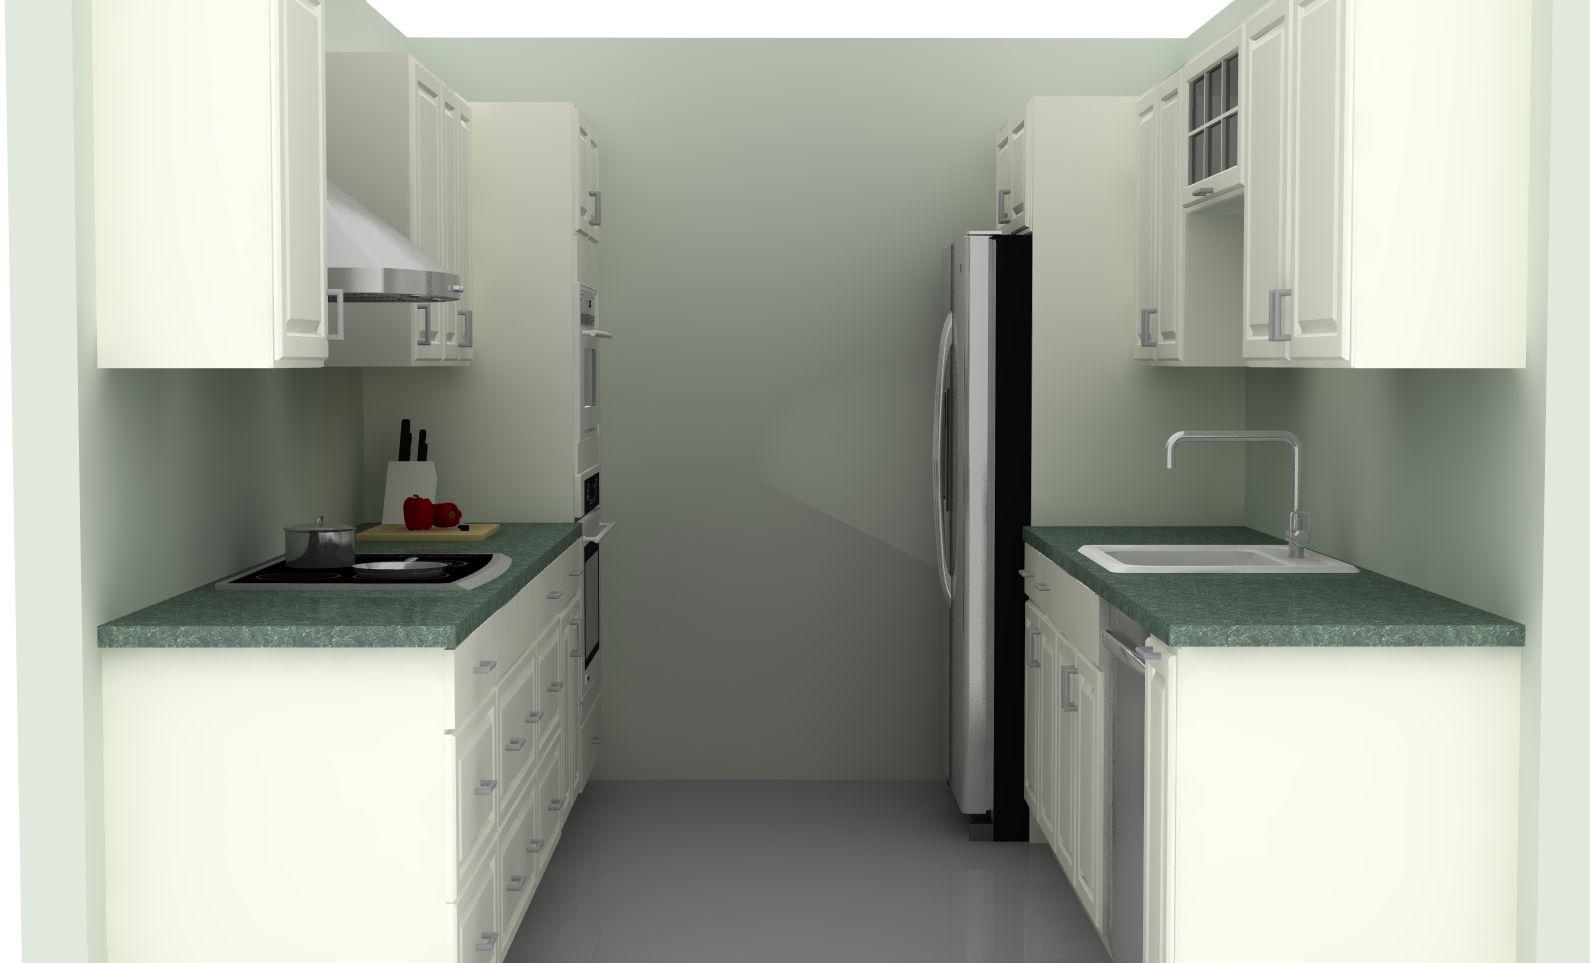 Design Kuche Kleiner Raum Kleine Offene Kuche Pantry Kuche Ideen